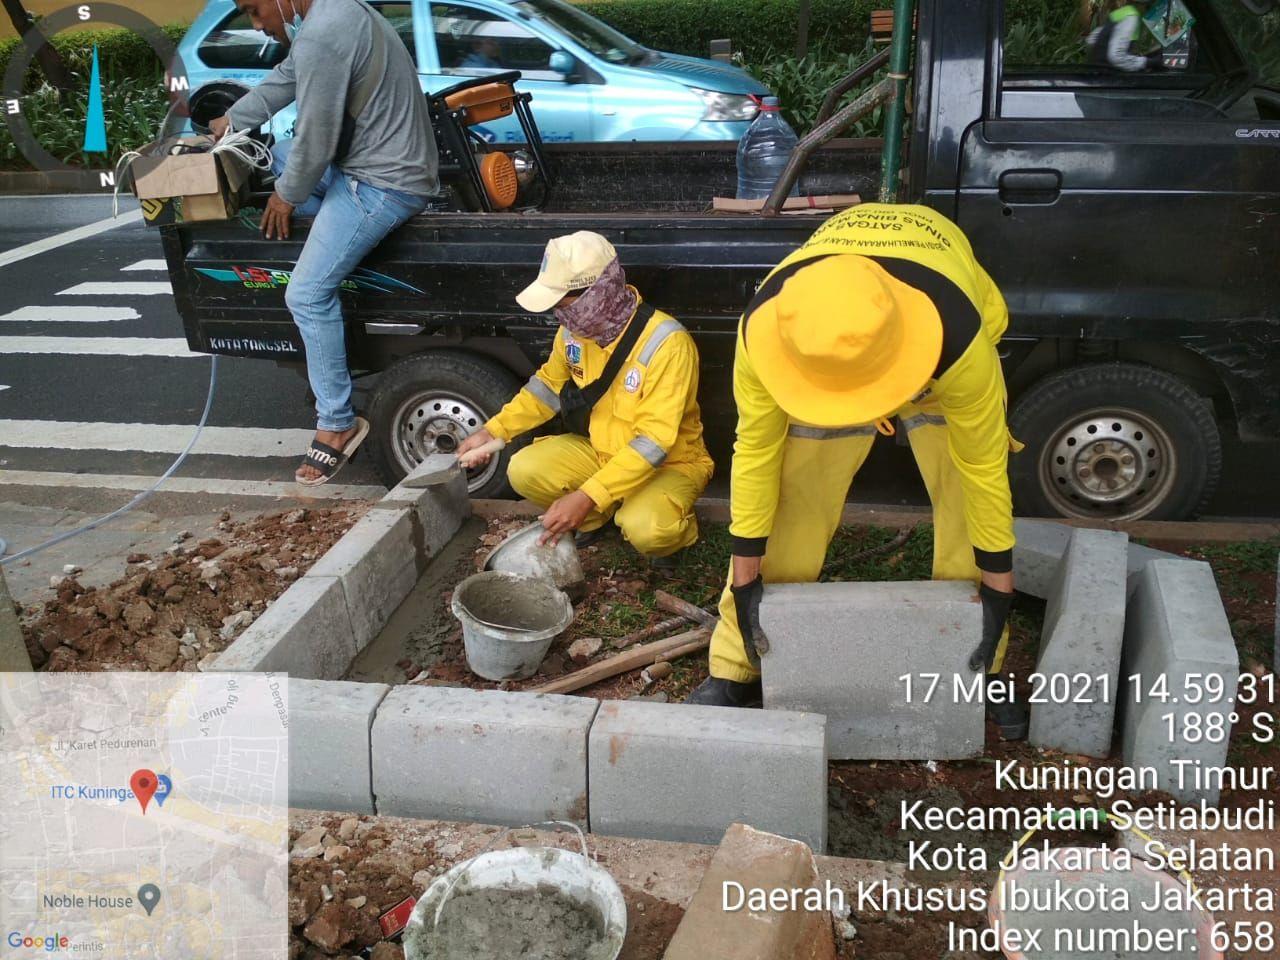 Pemasangan kanstin untuk menghalangi pemotor bandel menerobos trotoar dan taman area median Jl Prof Dr Satrio, Jaksel. 17 Mei 2021. (Dok Dinas Bina Marga DKI)